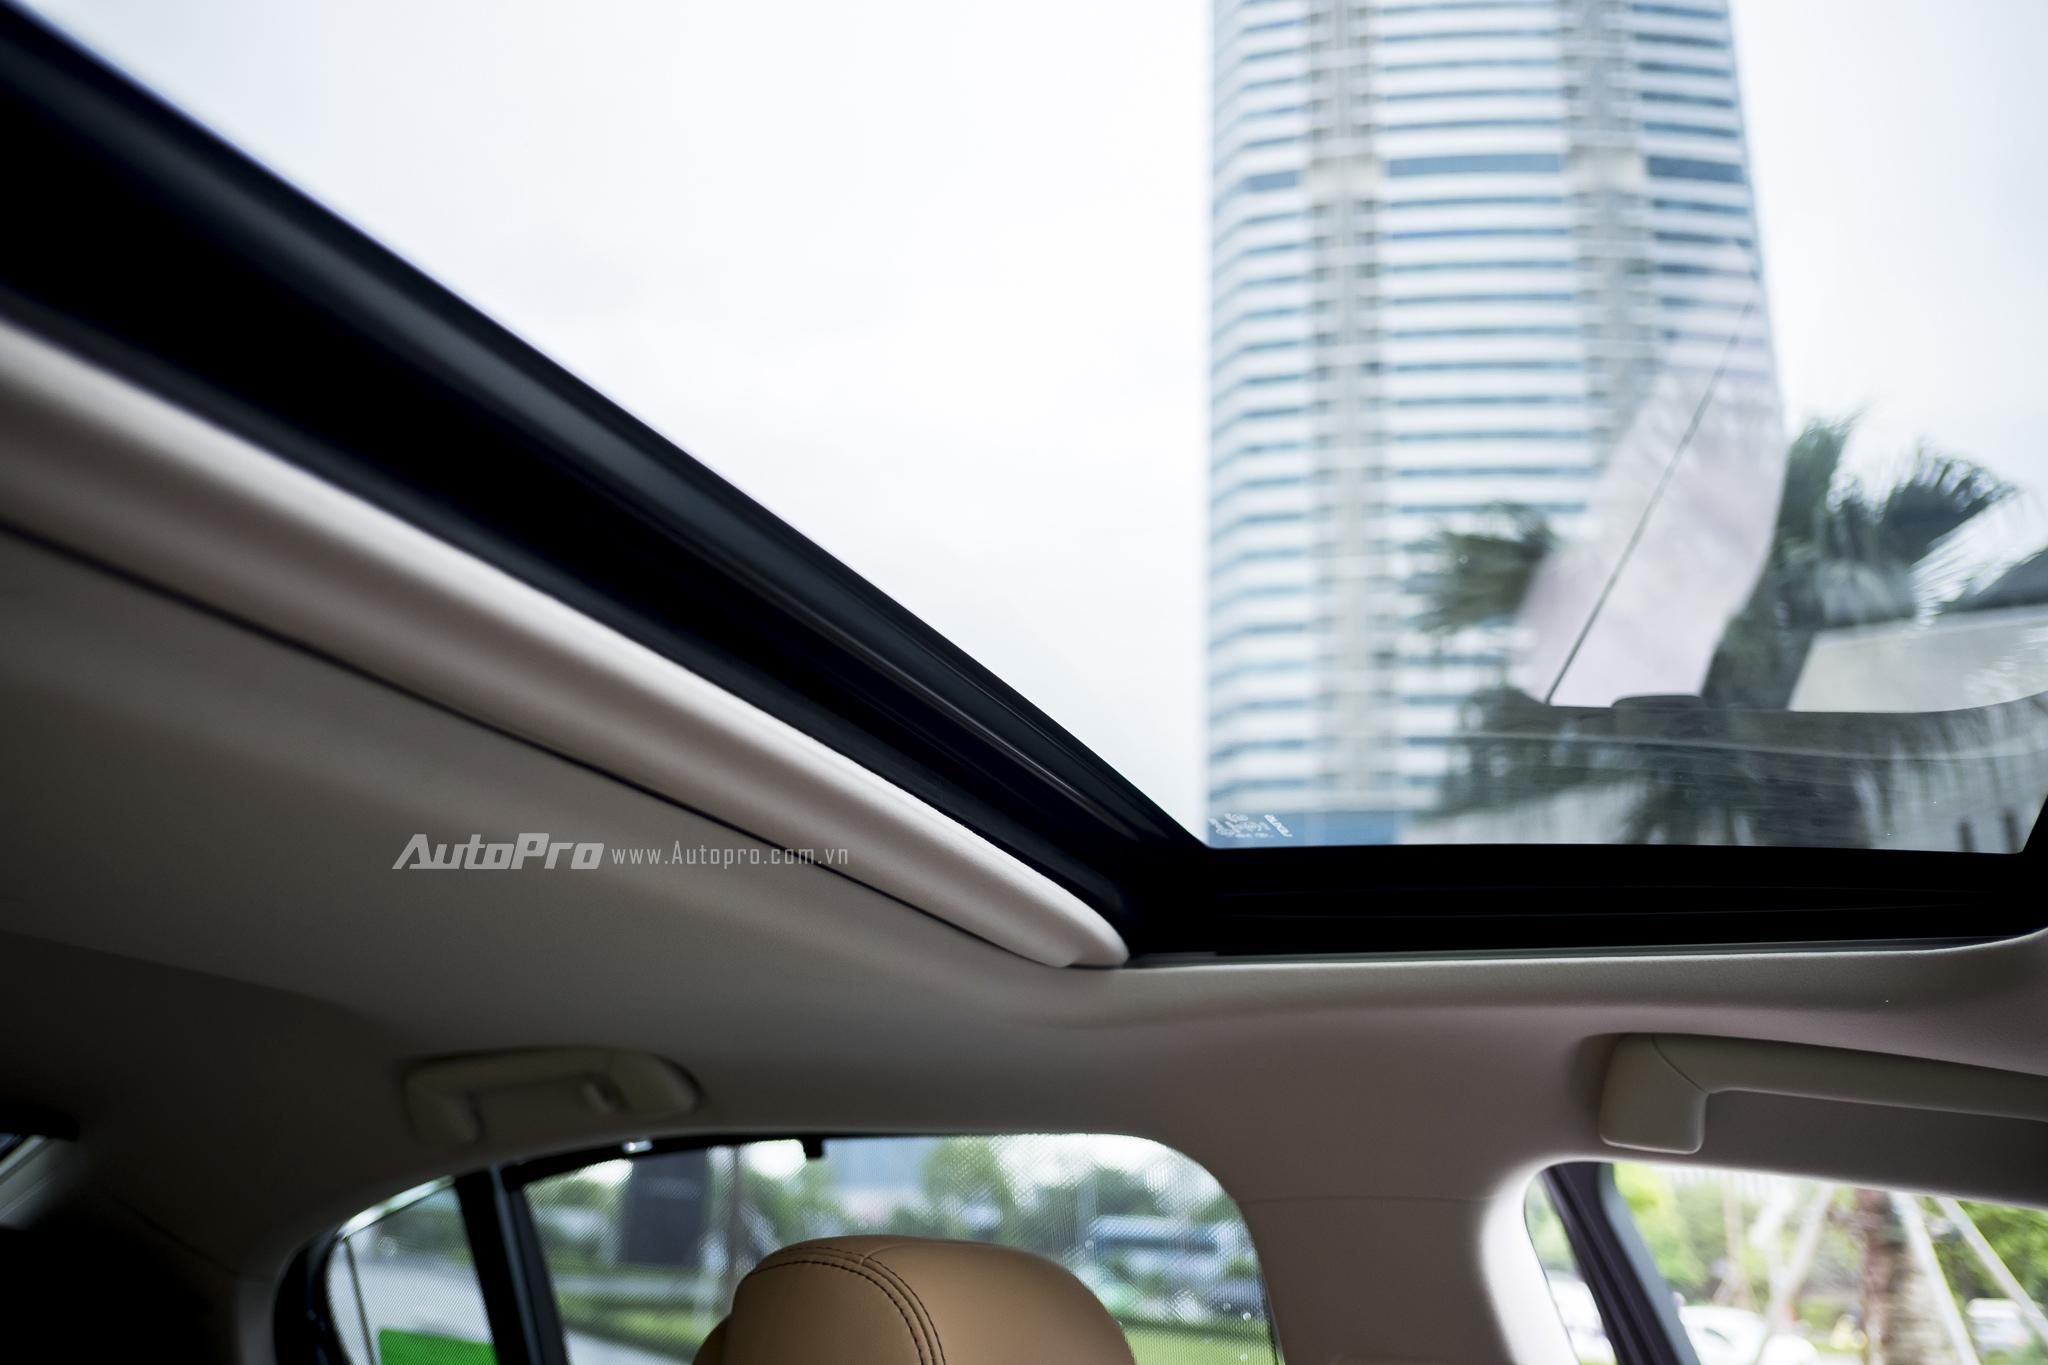 Cửa sổ trời cũng là một option khong thể thiếu với một chiếc sedan như Lexus GS200t.